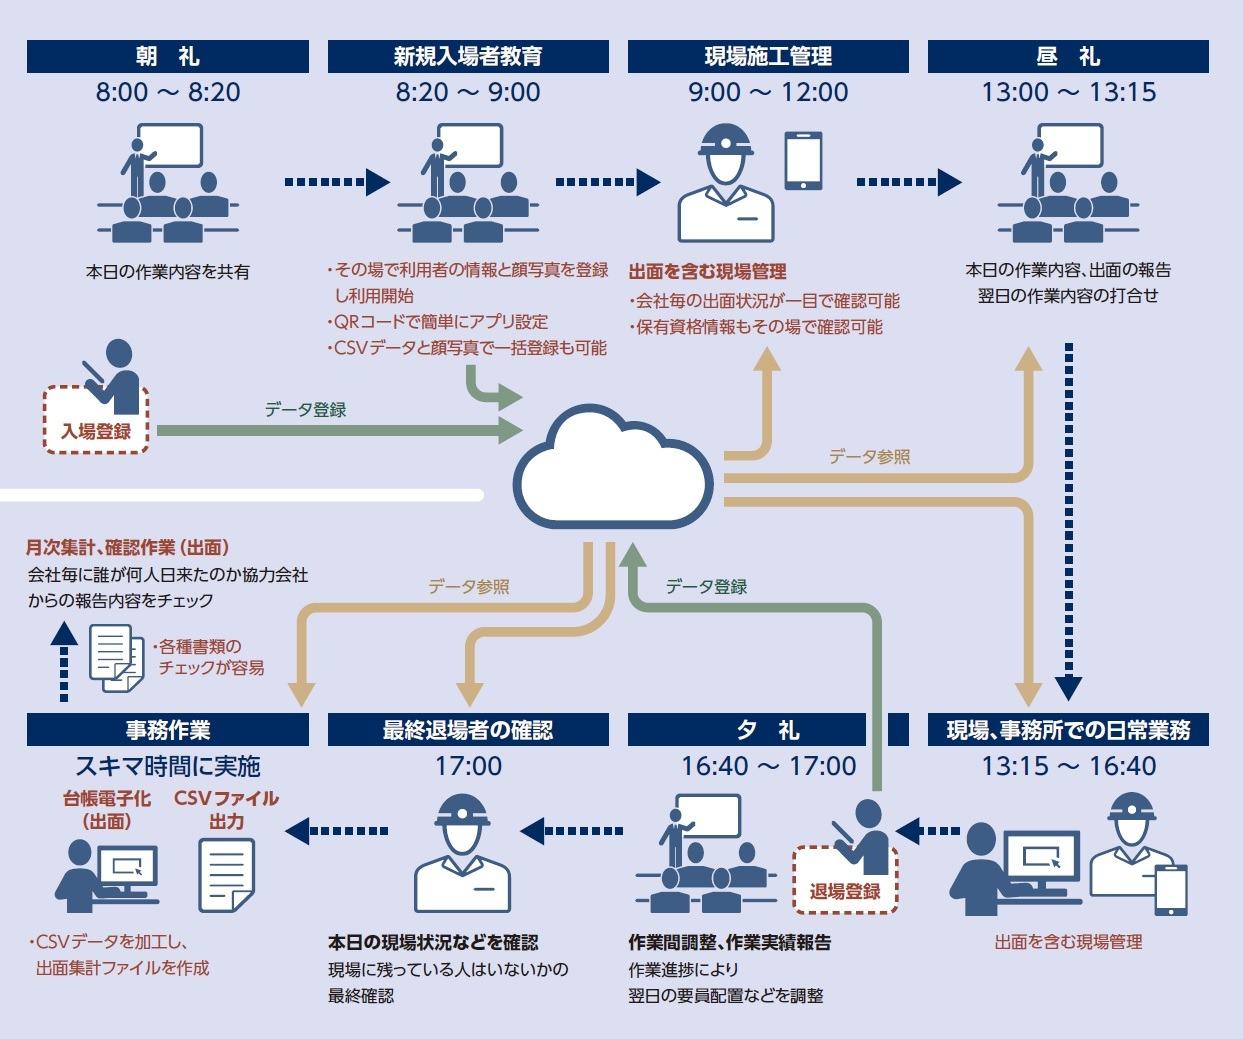 取得した入退場データはクラウドシステムに集約され、様々な目的に活用できる